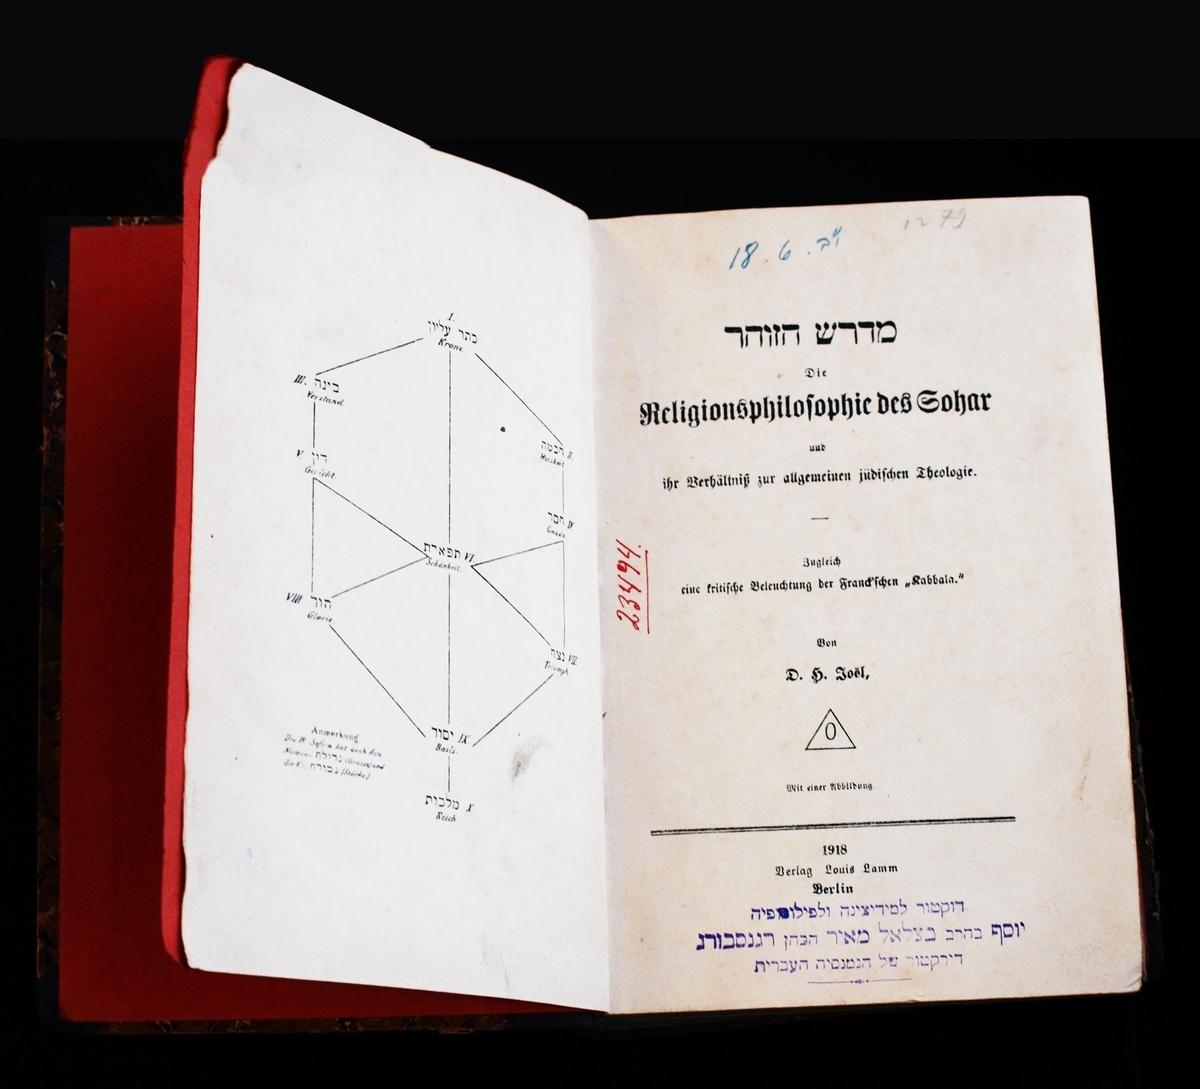 """D. Joël """"Midrash ha-zohar – Die Religionsphilosophie des Sohar"""". Berlynas, Louiso Lammo leidykla, 1918. <br /> Iš gydytojo psichiatro ir pedagogo Juozapo Regensburgo (1879-1930) bibliotekai dovanotų knygų."""